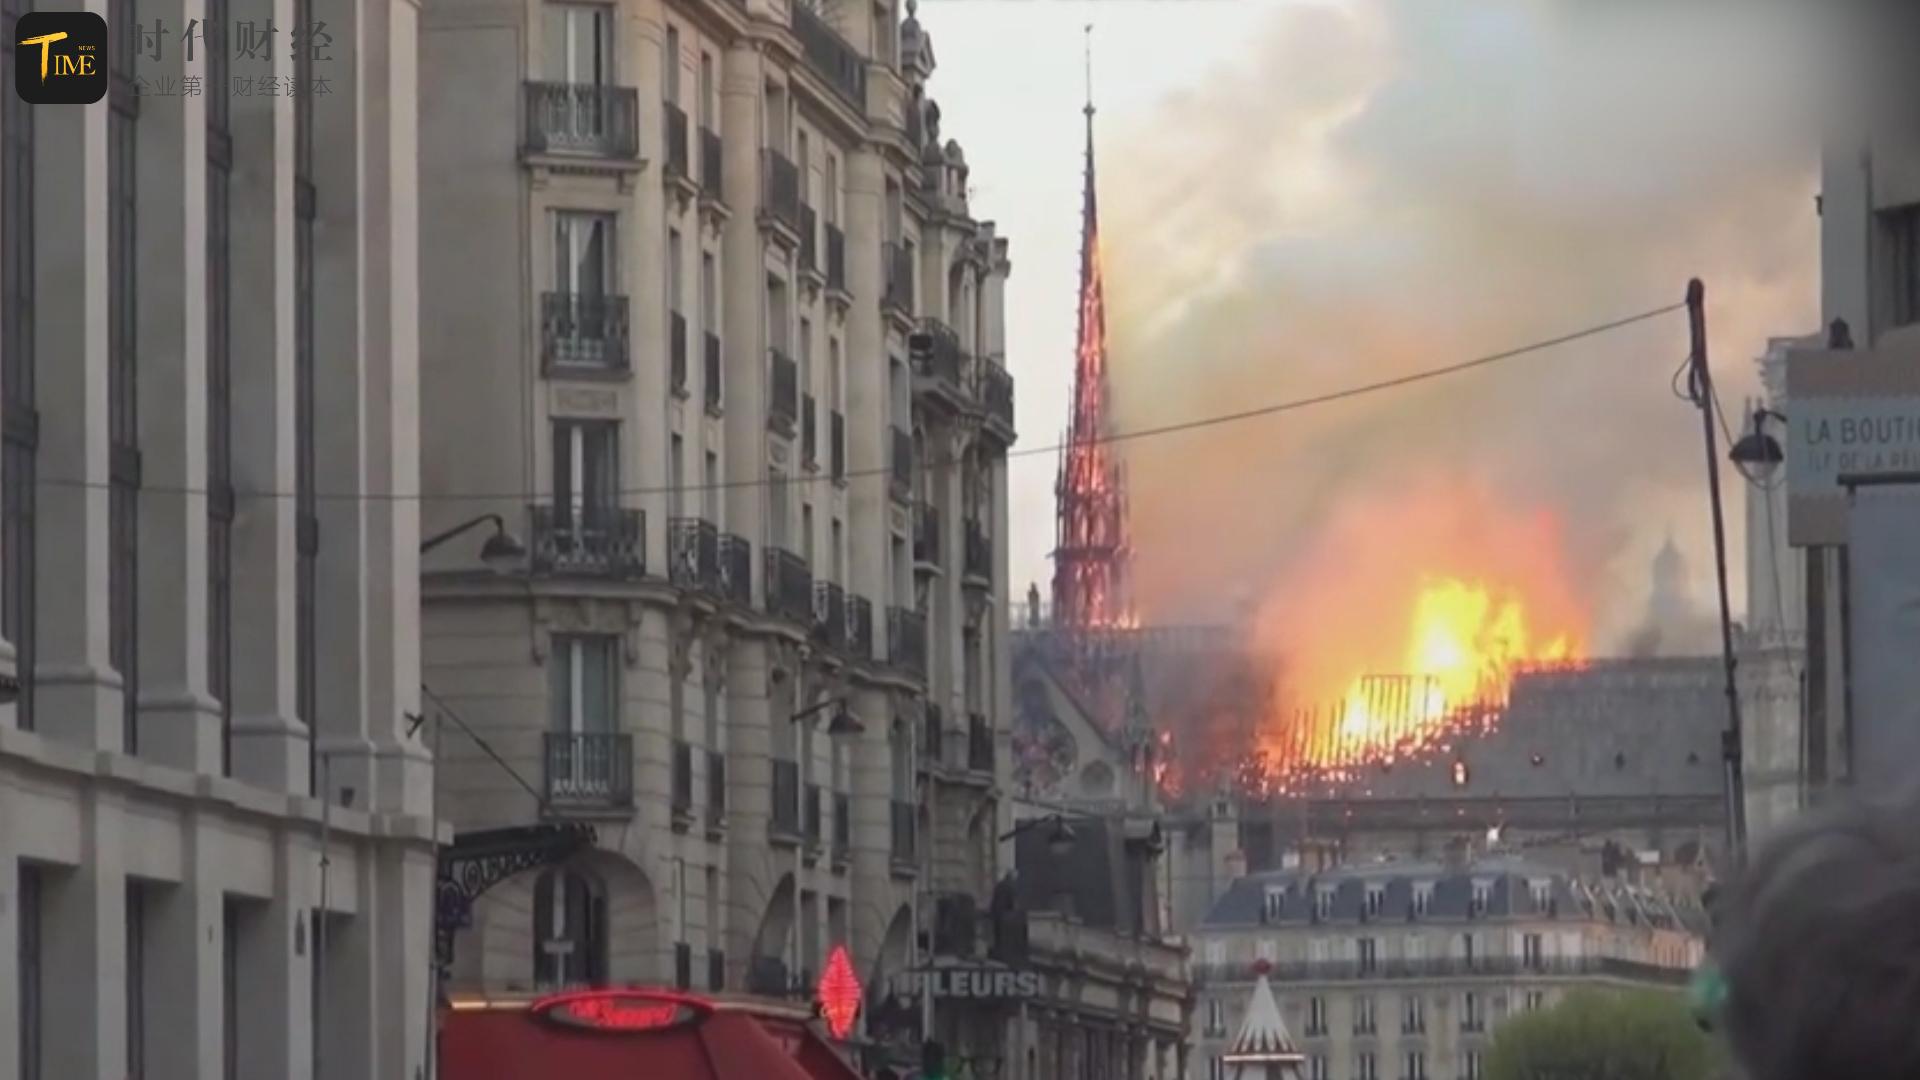 后续:巴黎圣母院能否重建,专家这样说